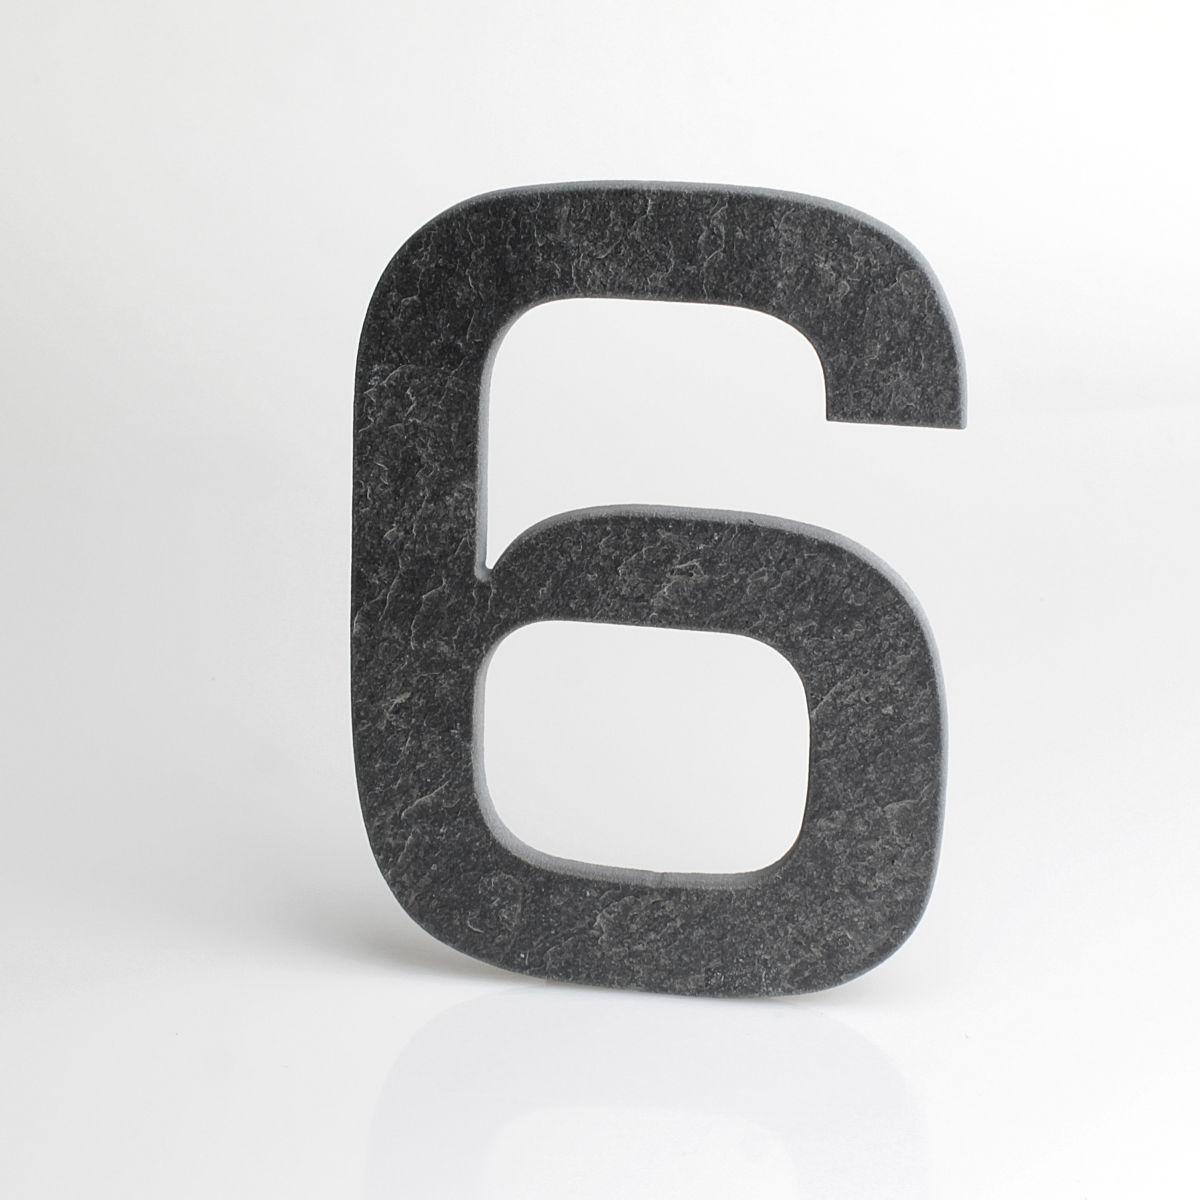 Domovní číslo popisné Břidlice EUROMODE - č. 6